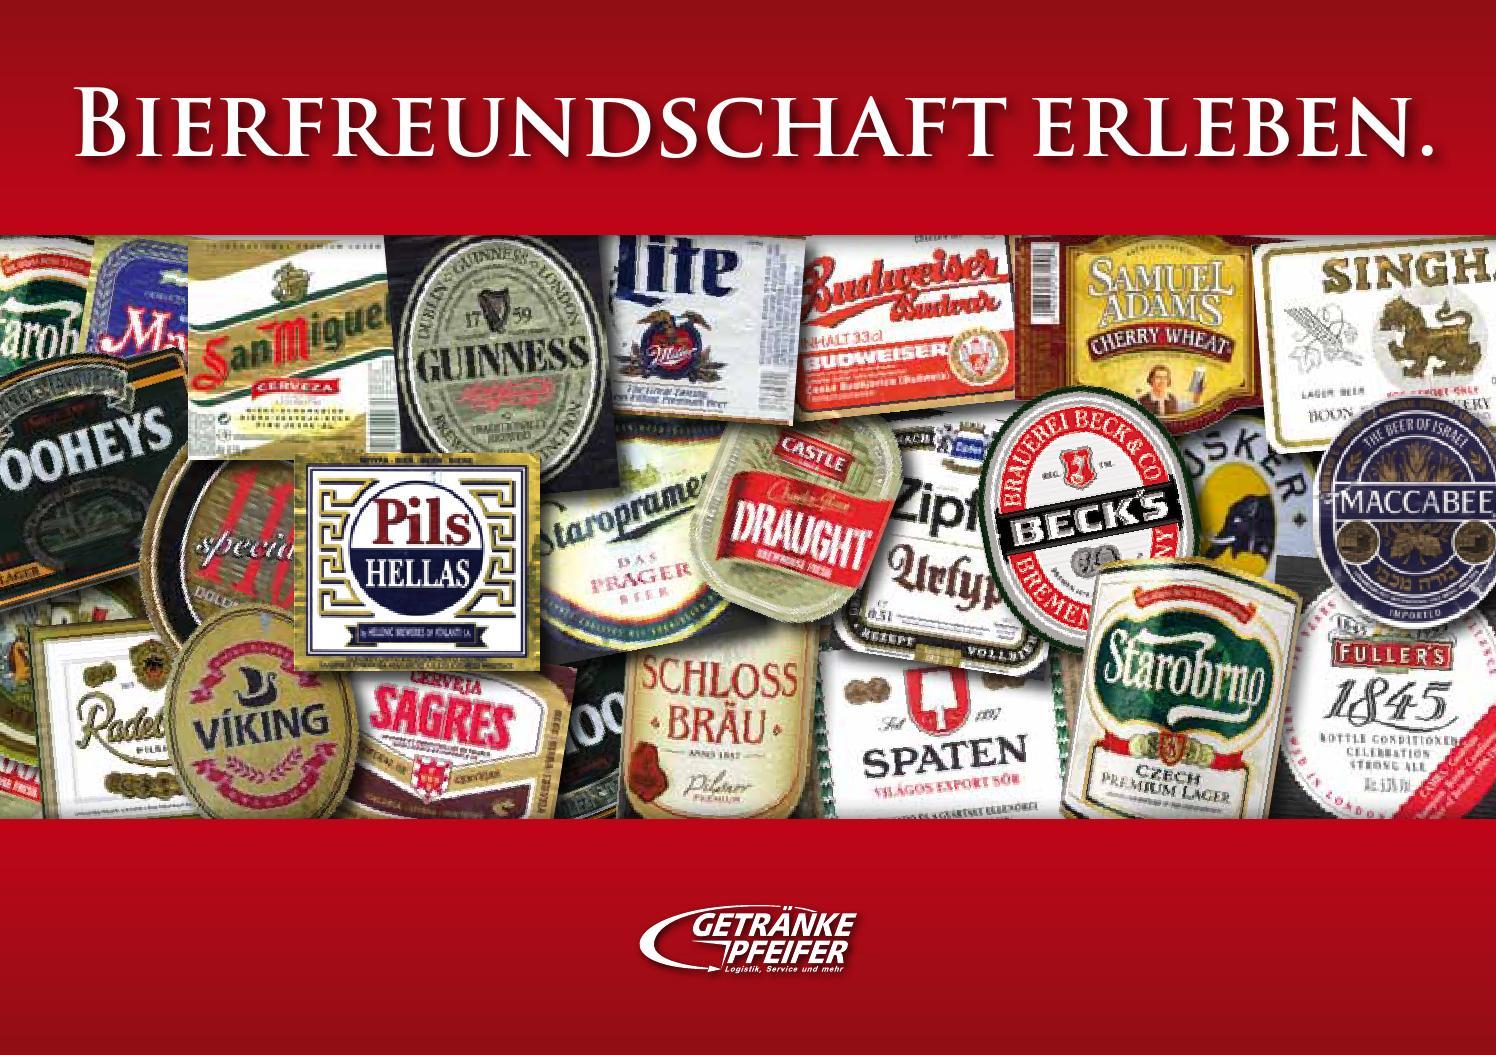 Bierfreundschaft erleben by Getränke Pfeifer GmbH - issuu